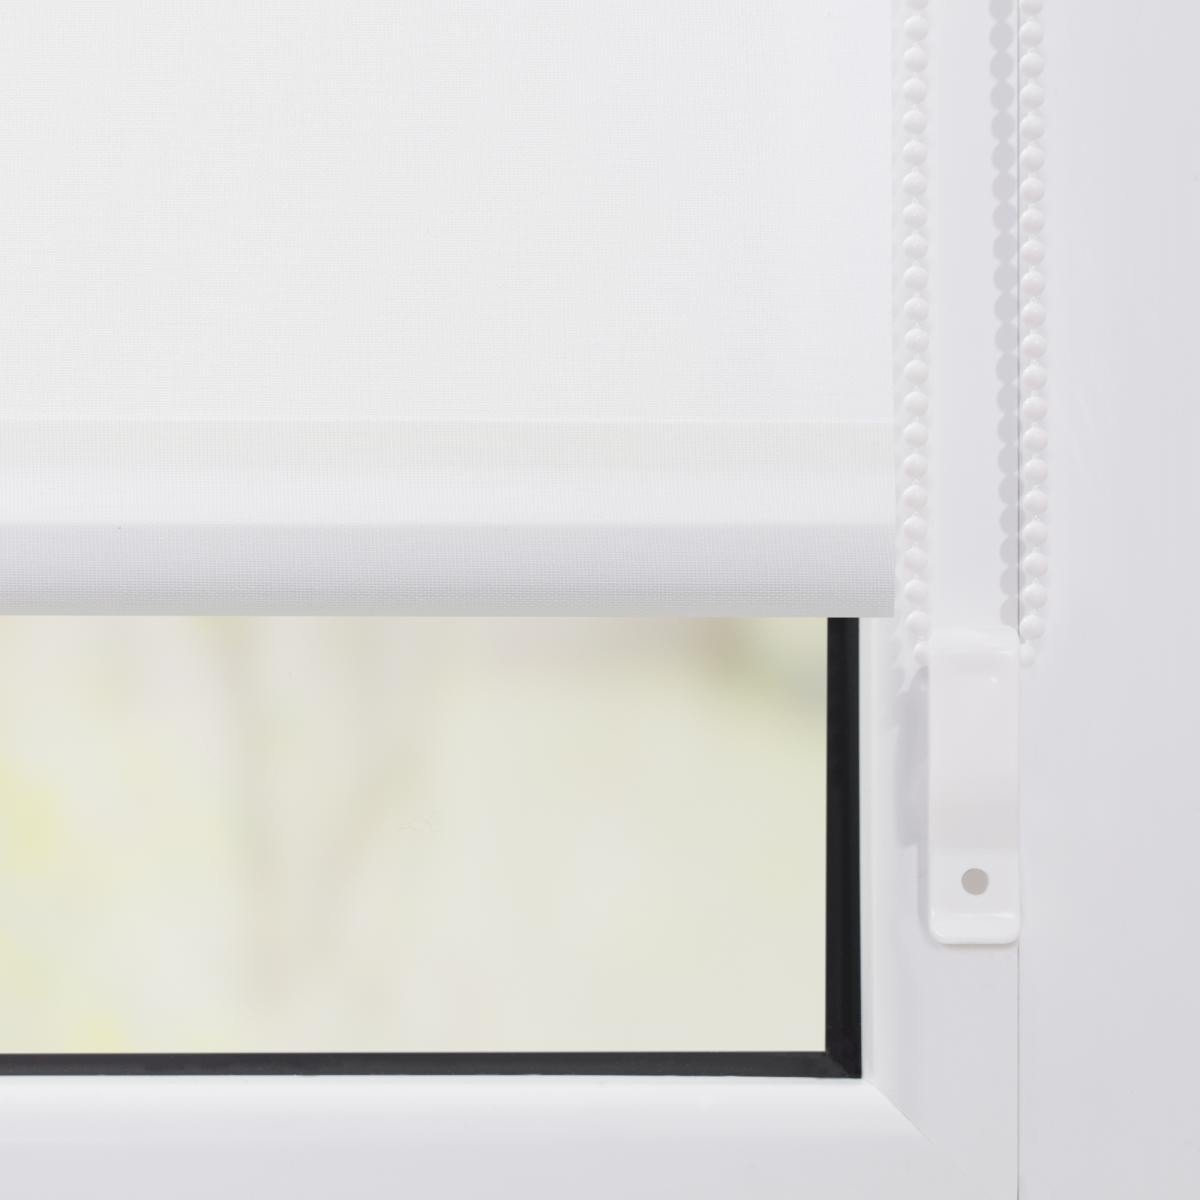 Bild 2 von Lichtblick Rollo Klemmfix, ohne Bohren, blickdicht, Rentiere Muster - Rot Weiß, 120 cm x 150 cm (B x